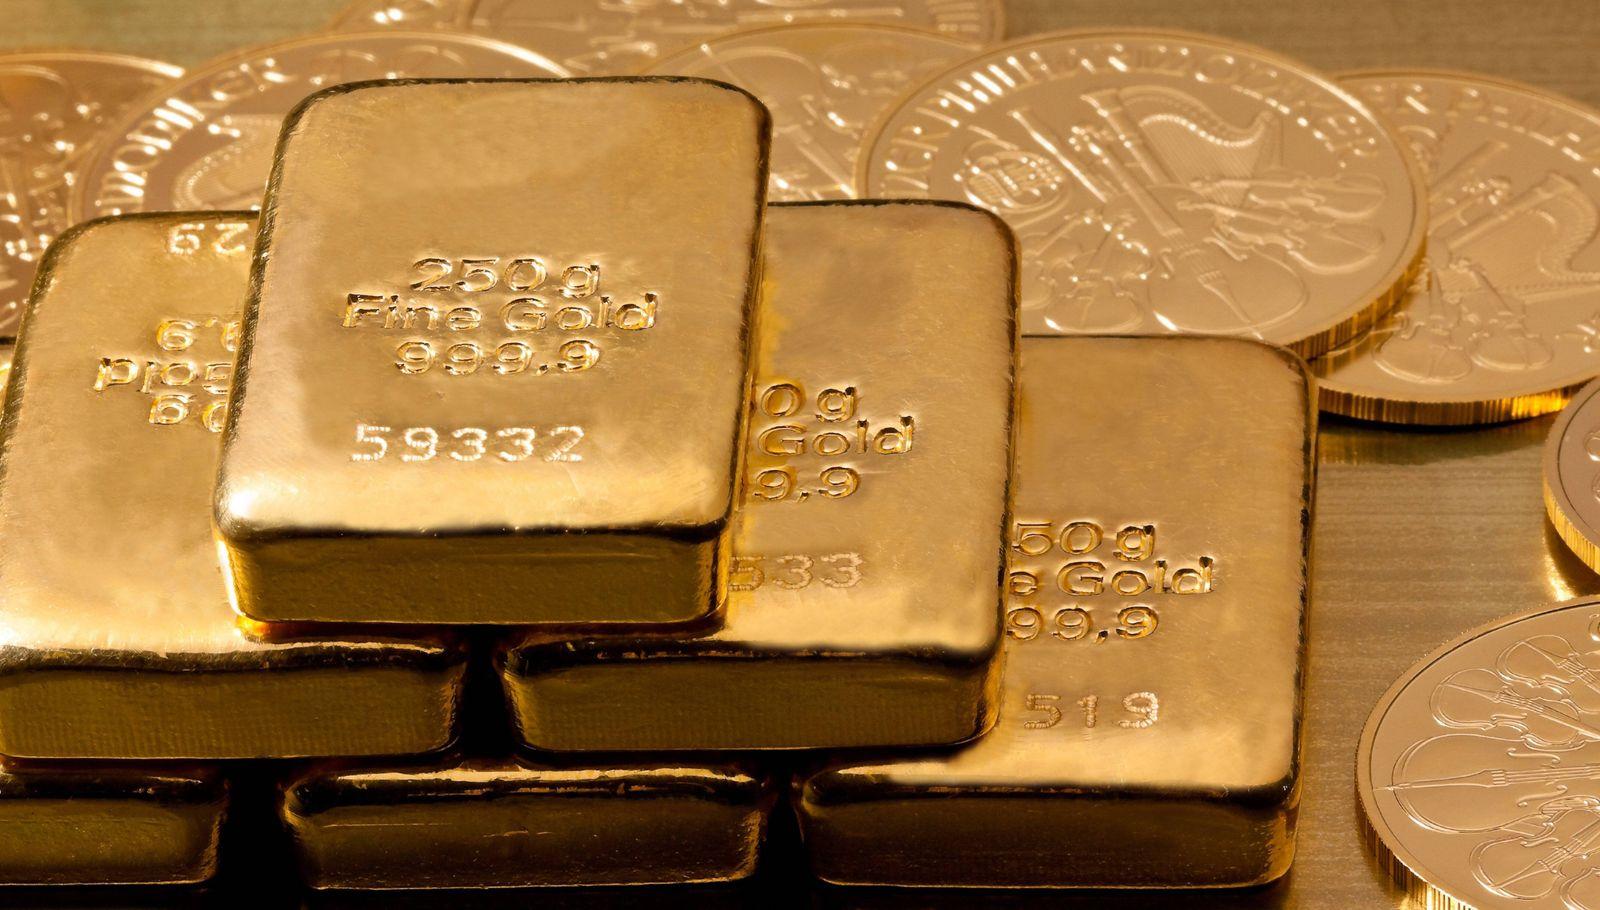 Geldanlage in echtem Gold als Goldbarren und Goldmünzen BLWX017794 Copyright: xblickwinkel/McPhotox/ErwinxWodickax